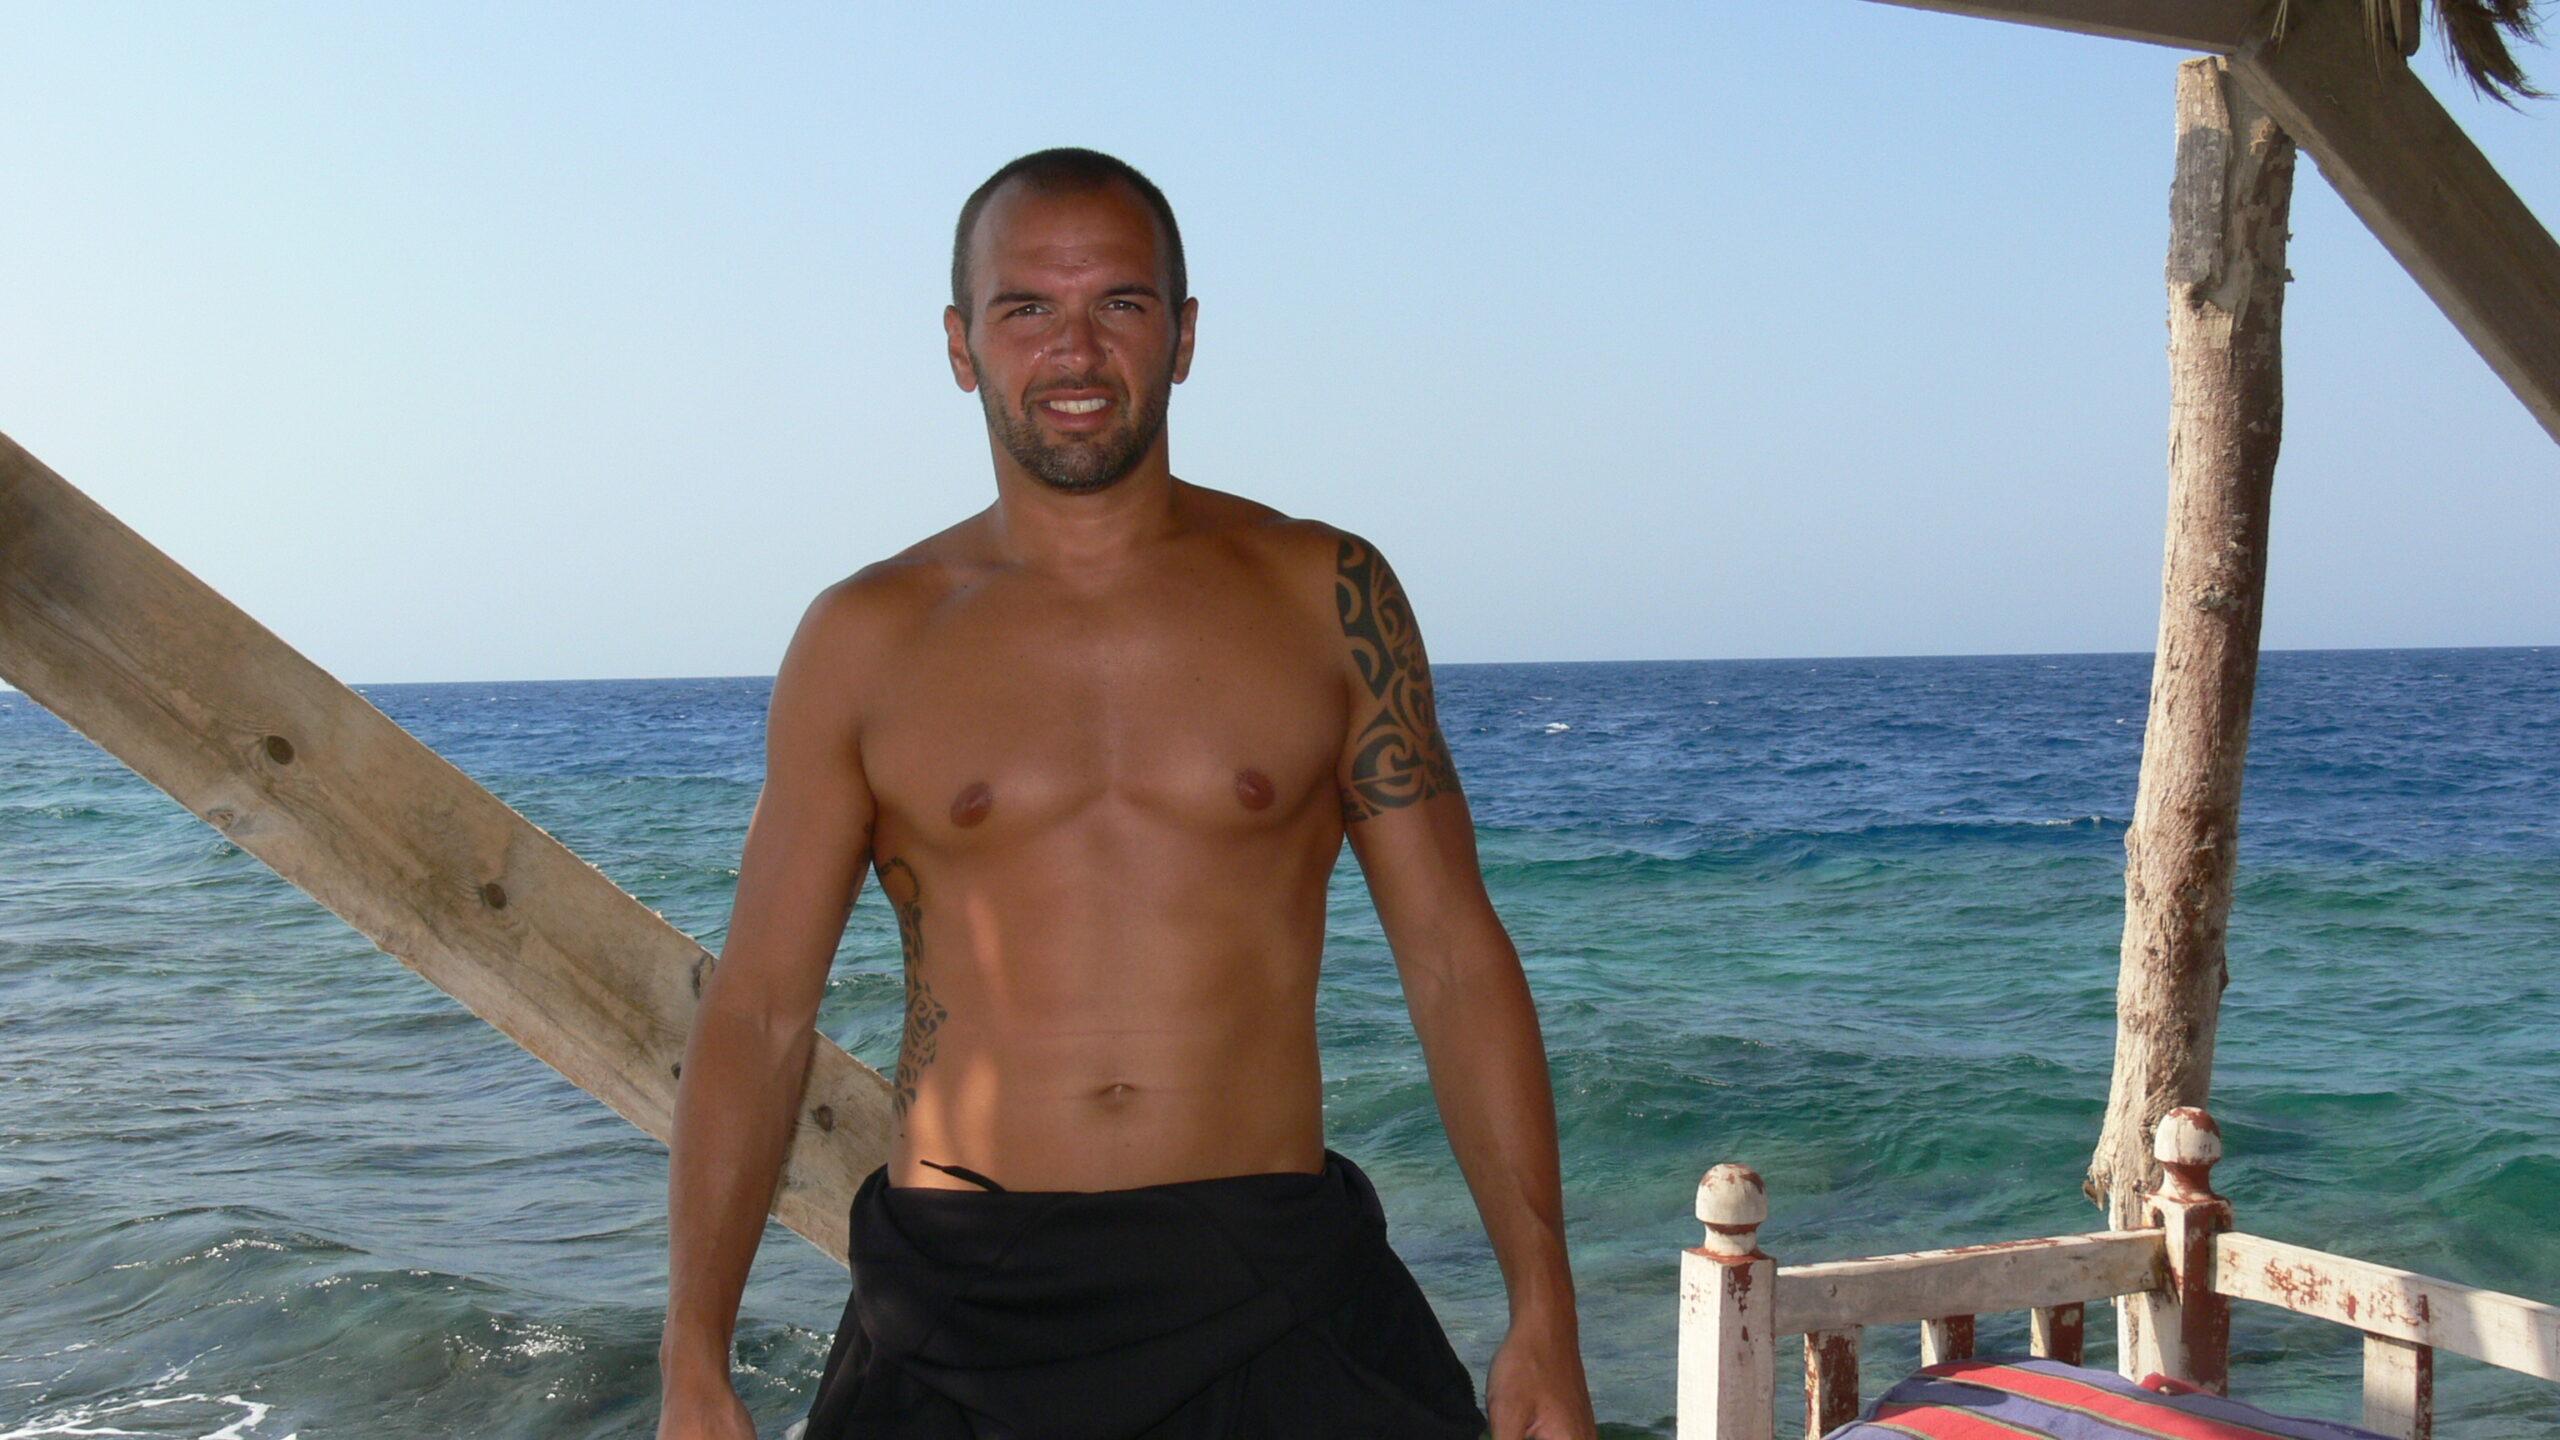 L'incontro con la bombola da sub arriva nel 2009, durante una vacanza a Sharm el-Sheikh